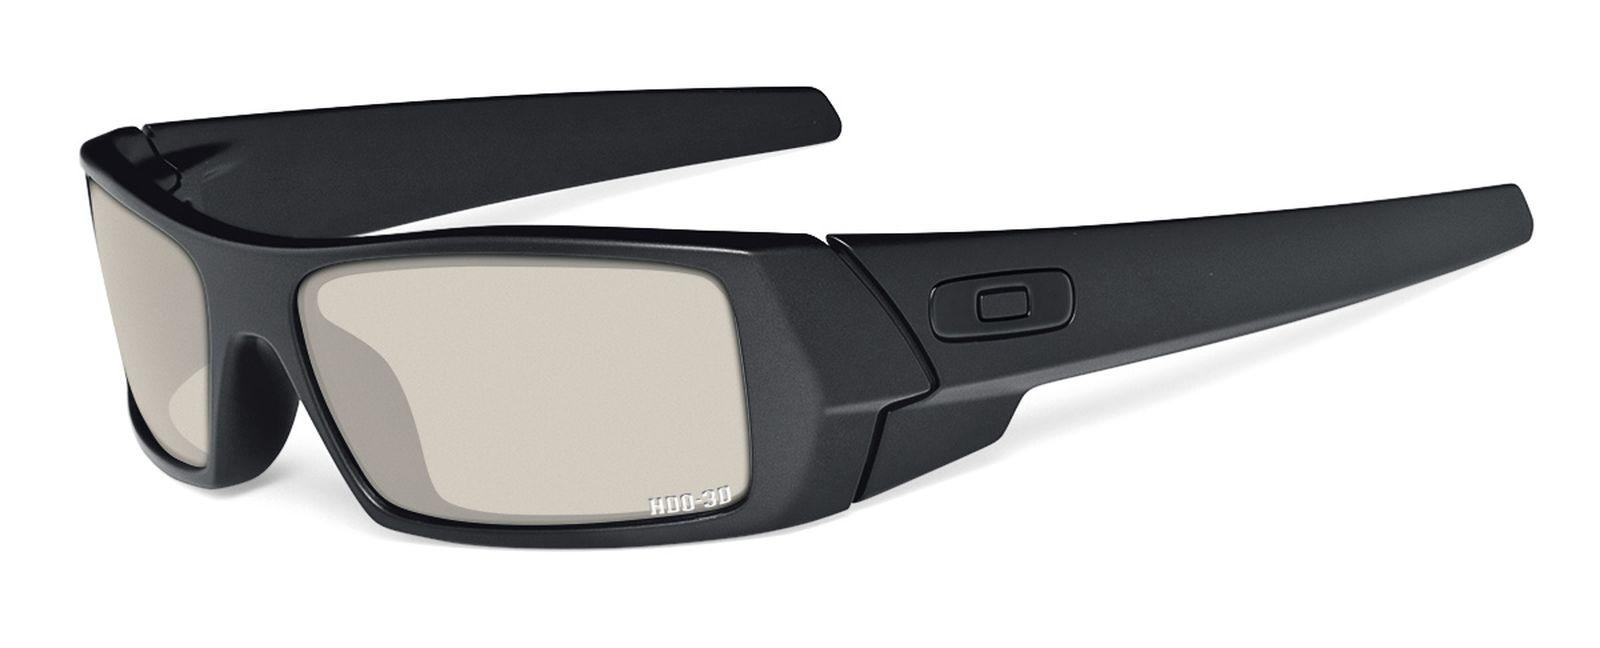 la-clarté-historique-oakleys-lens-tech-keeps-get-sharper-20